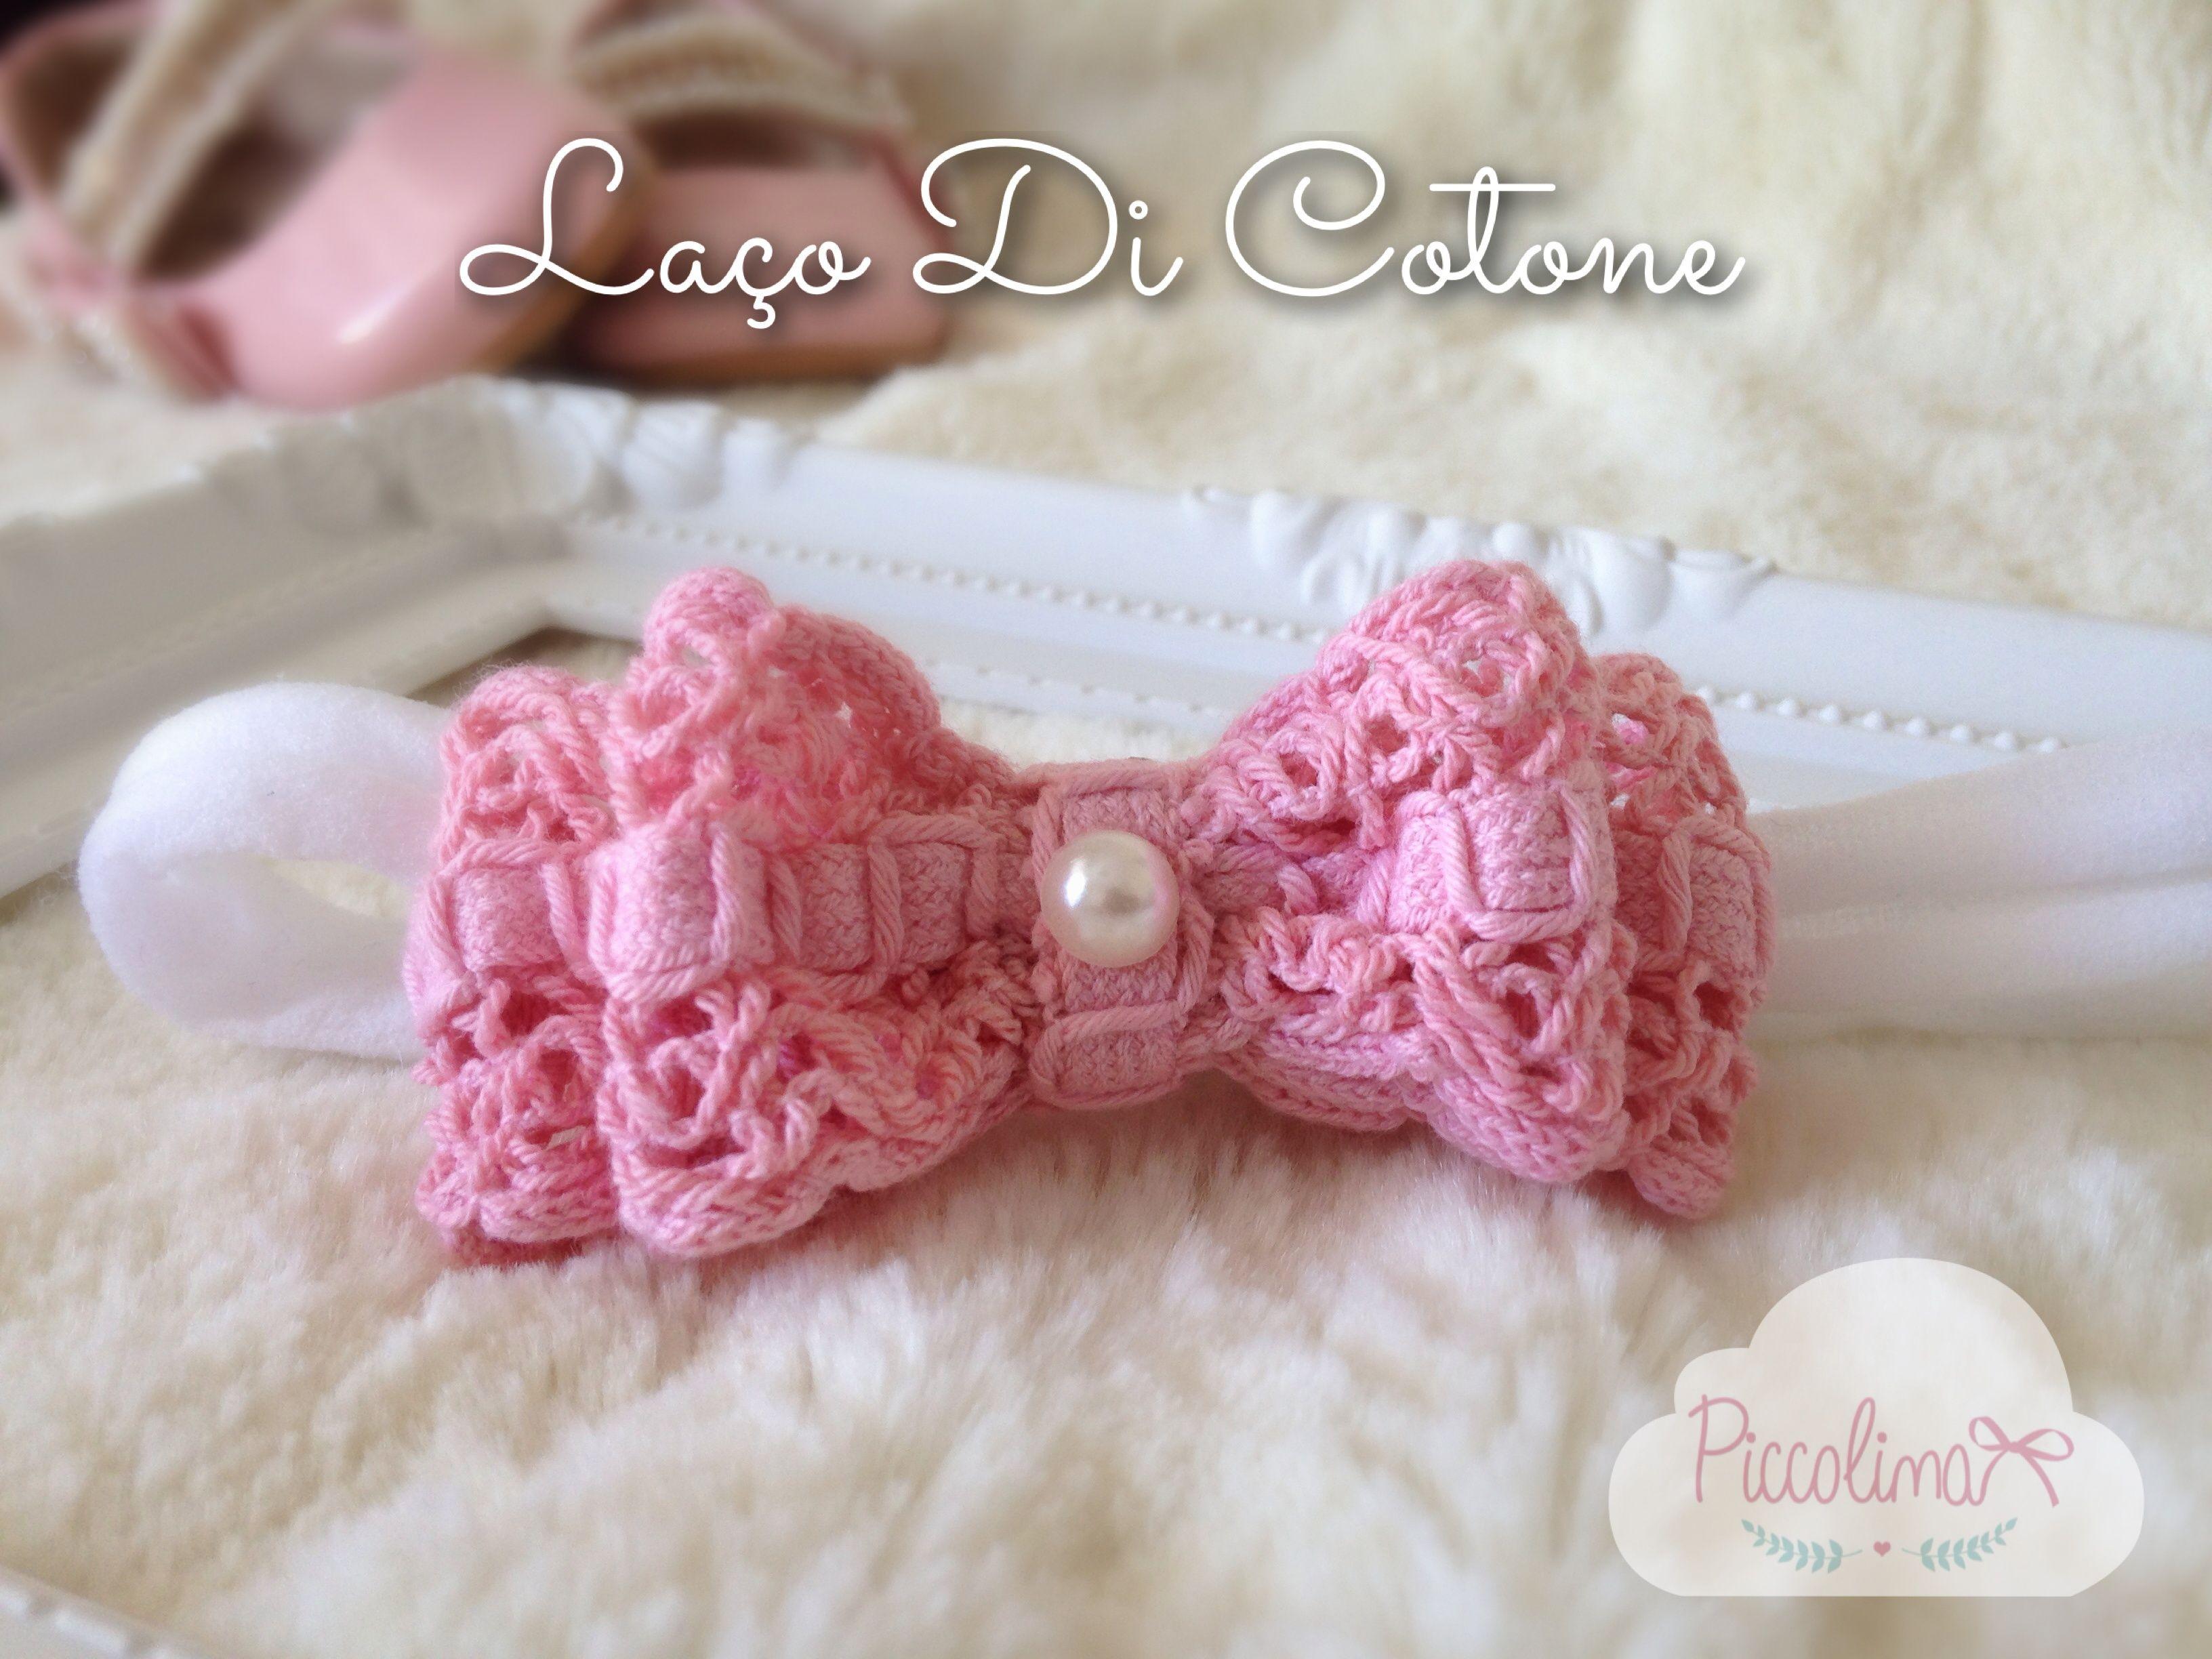 Laço de Crochê Piccolina - Faixinha estreita de meia de seda ou Bico de Pato. R$20,00